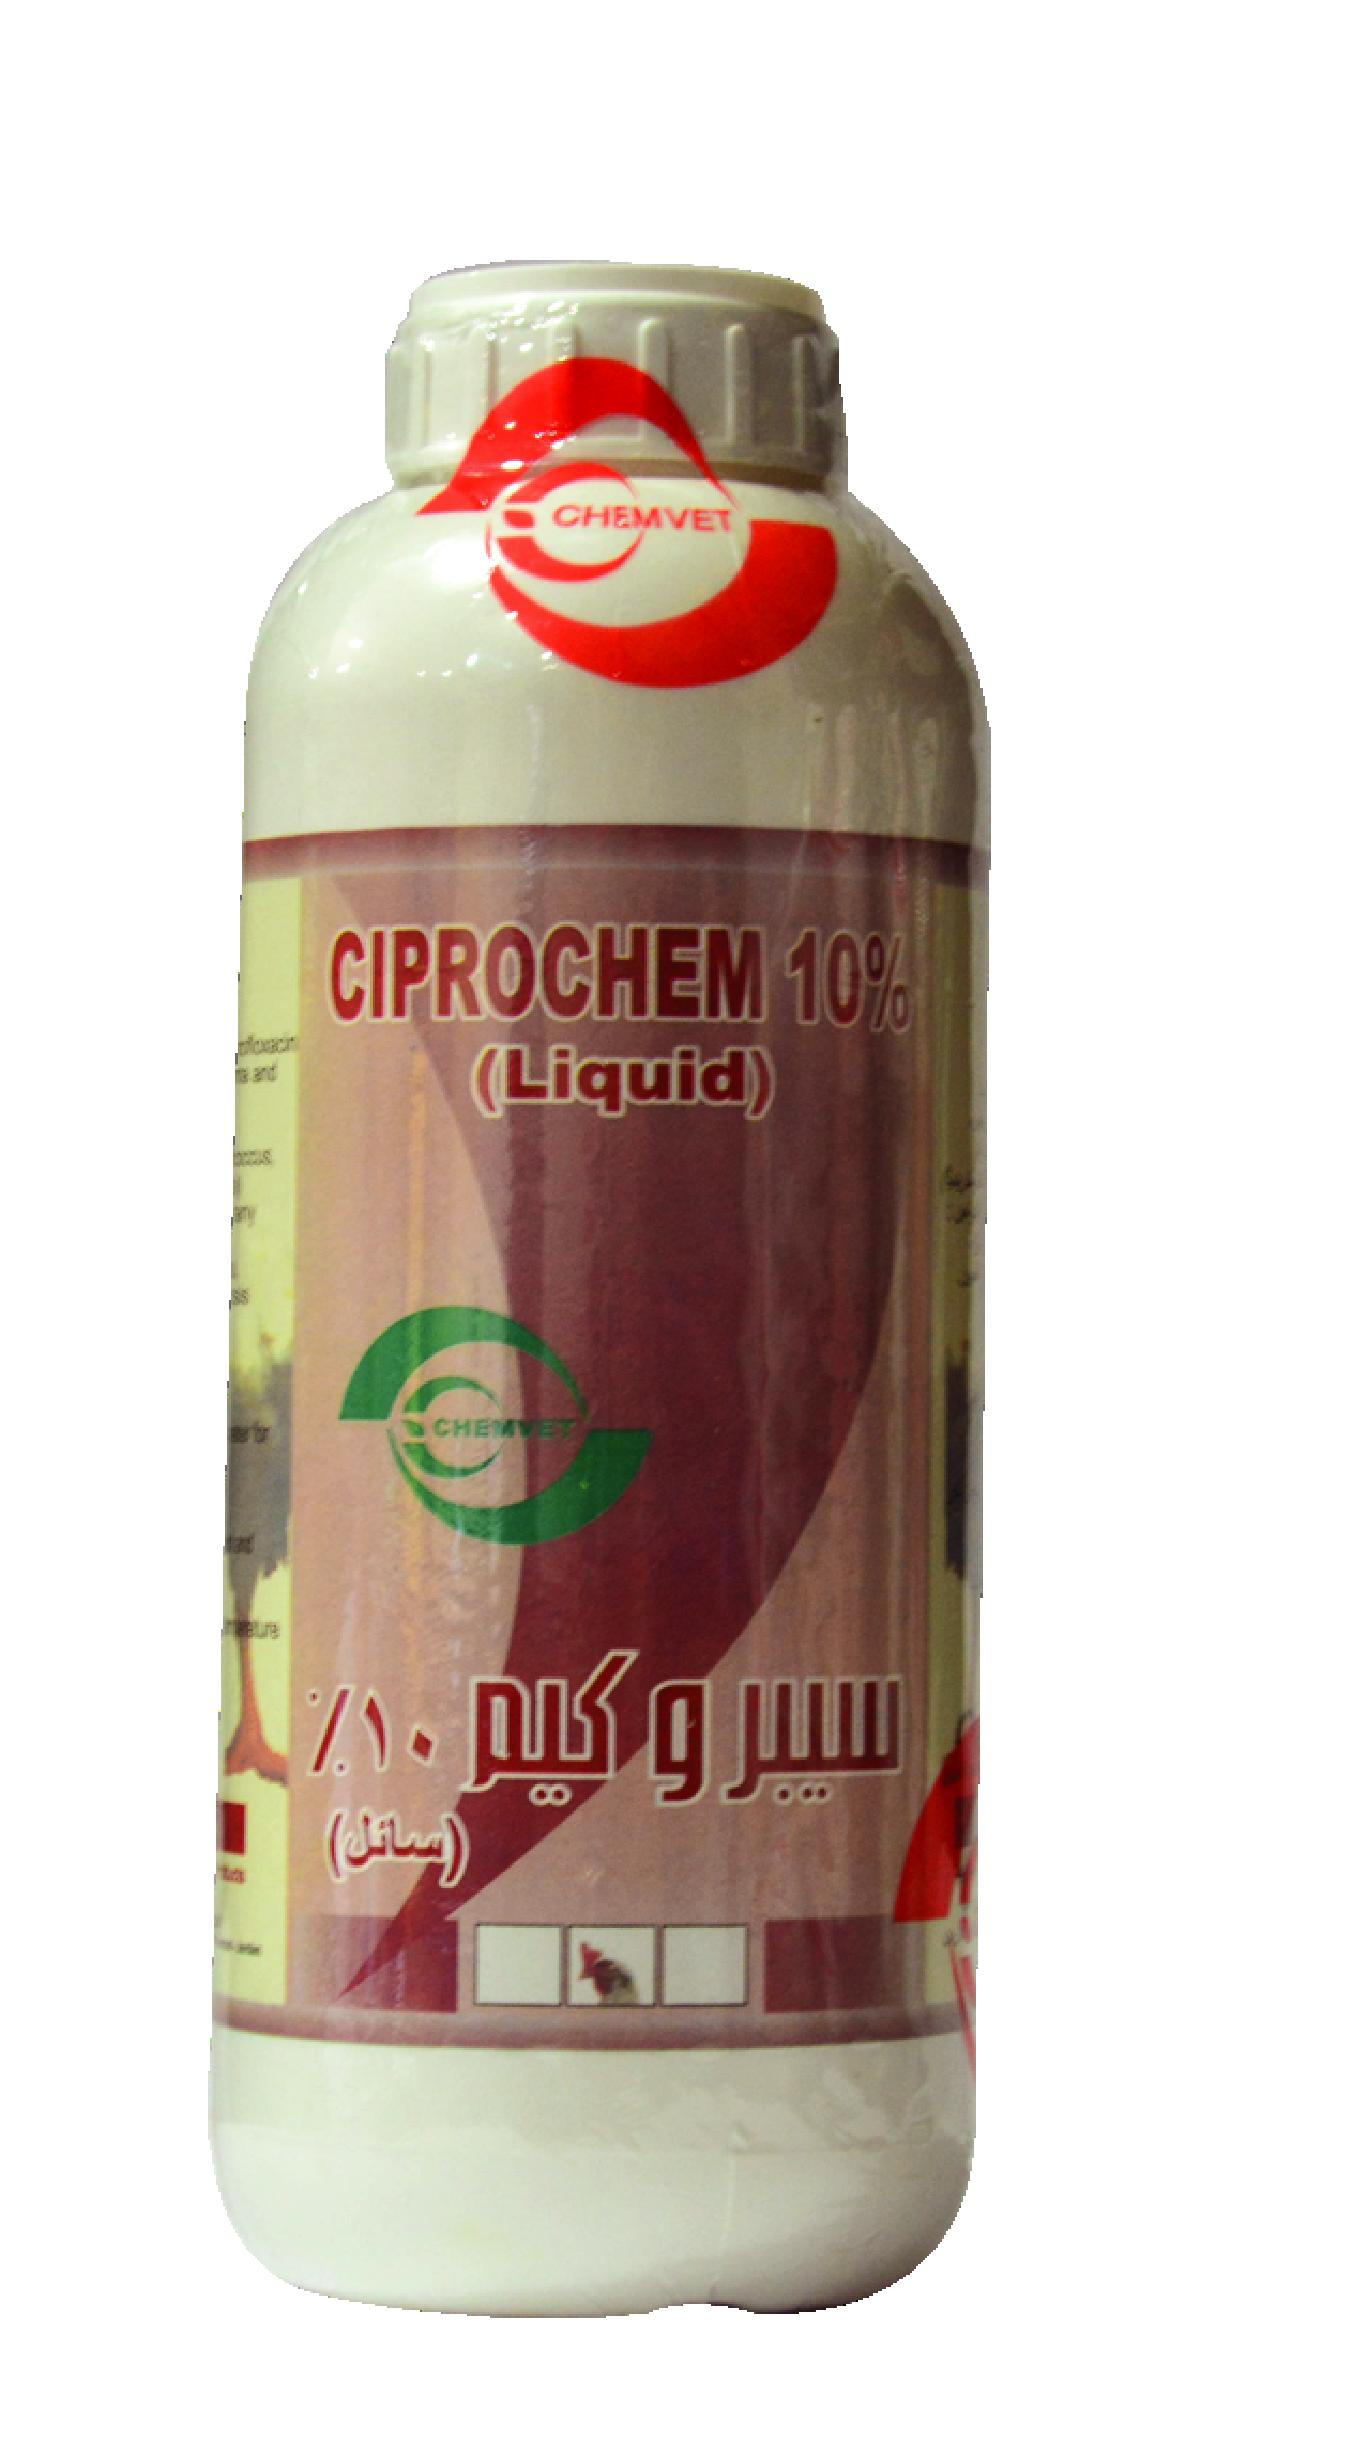 Ciprochem 10%